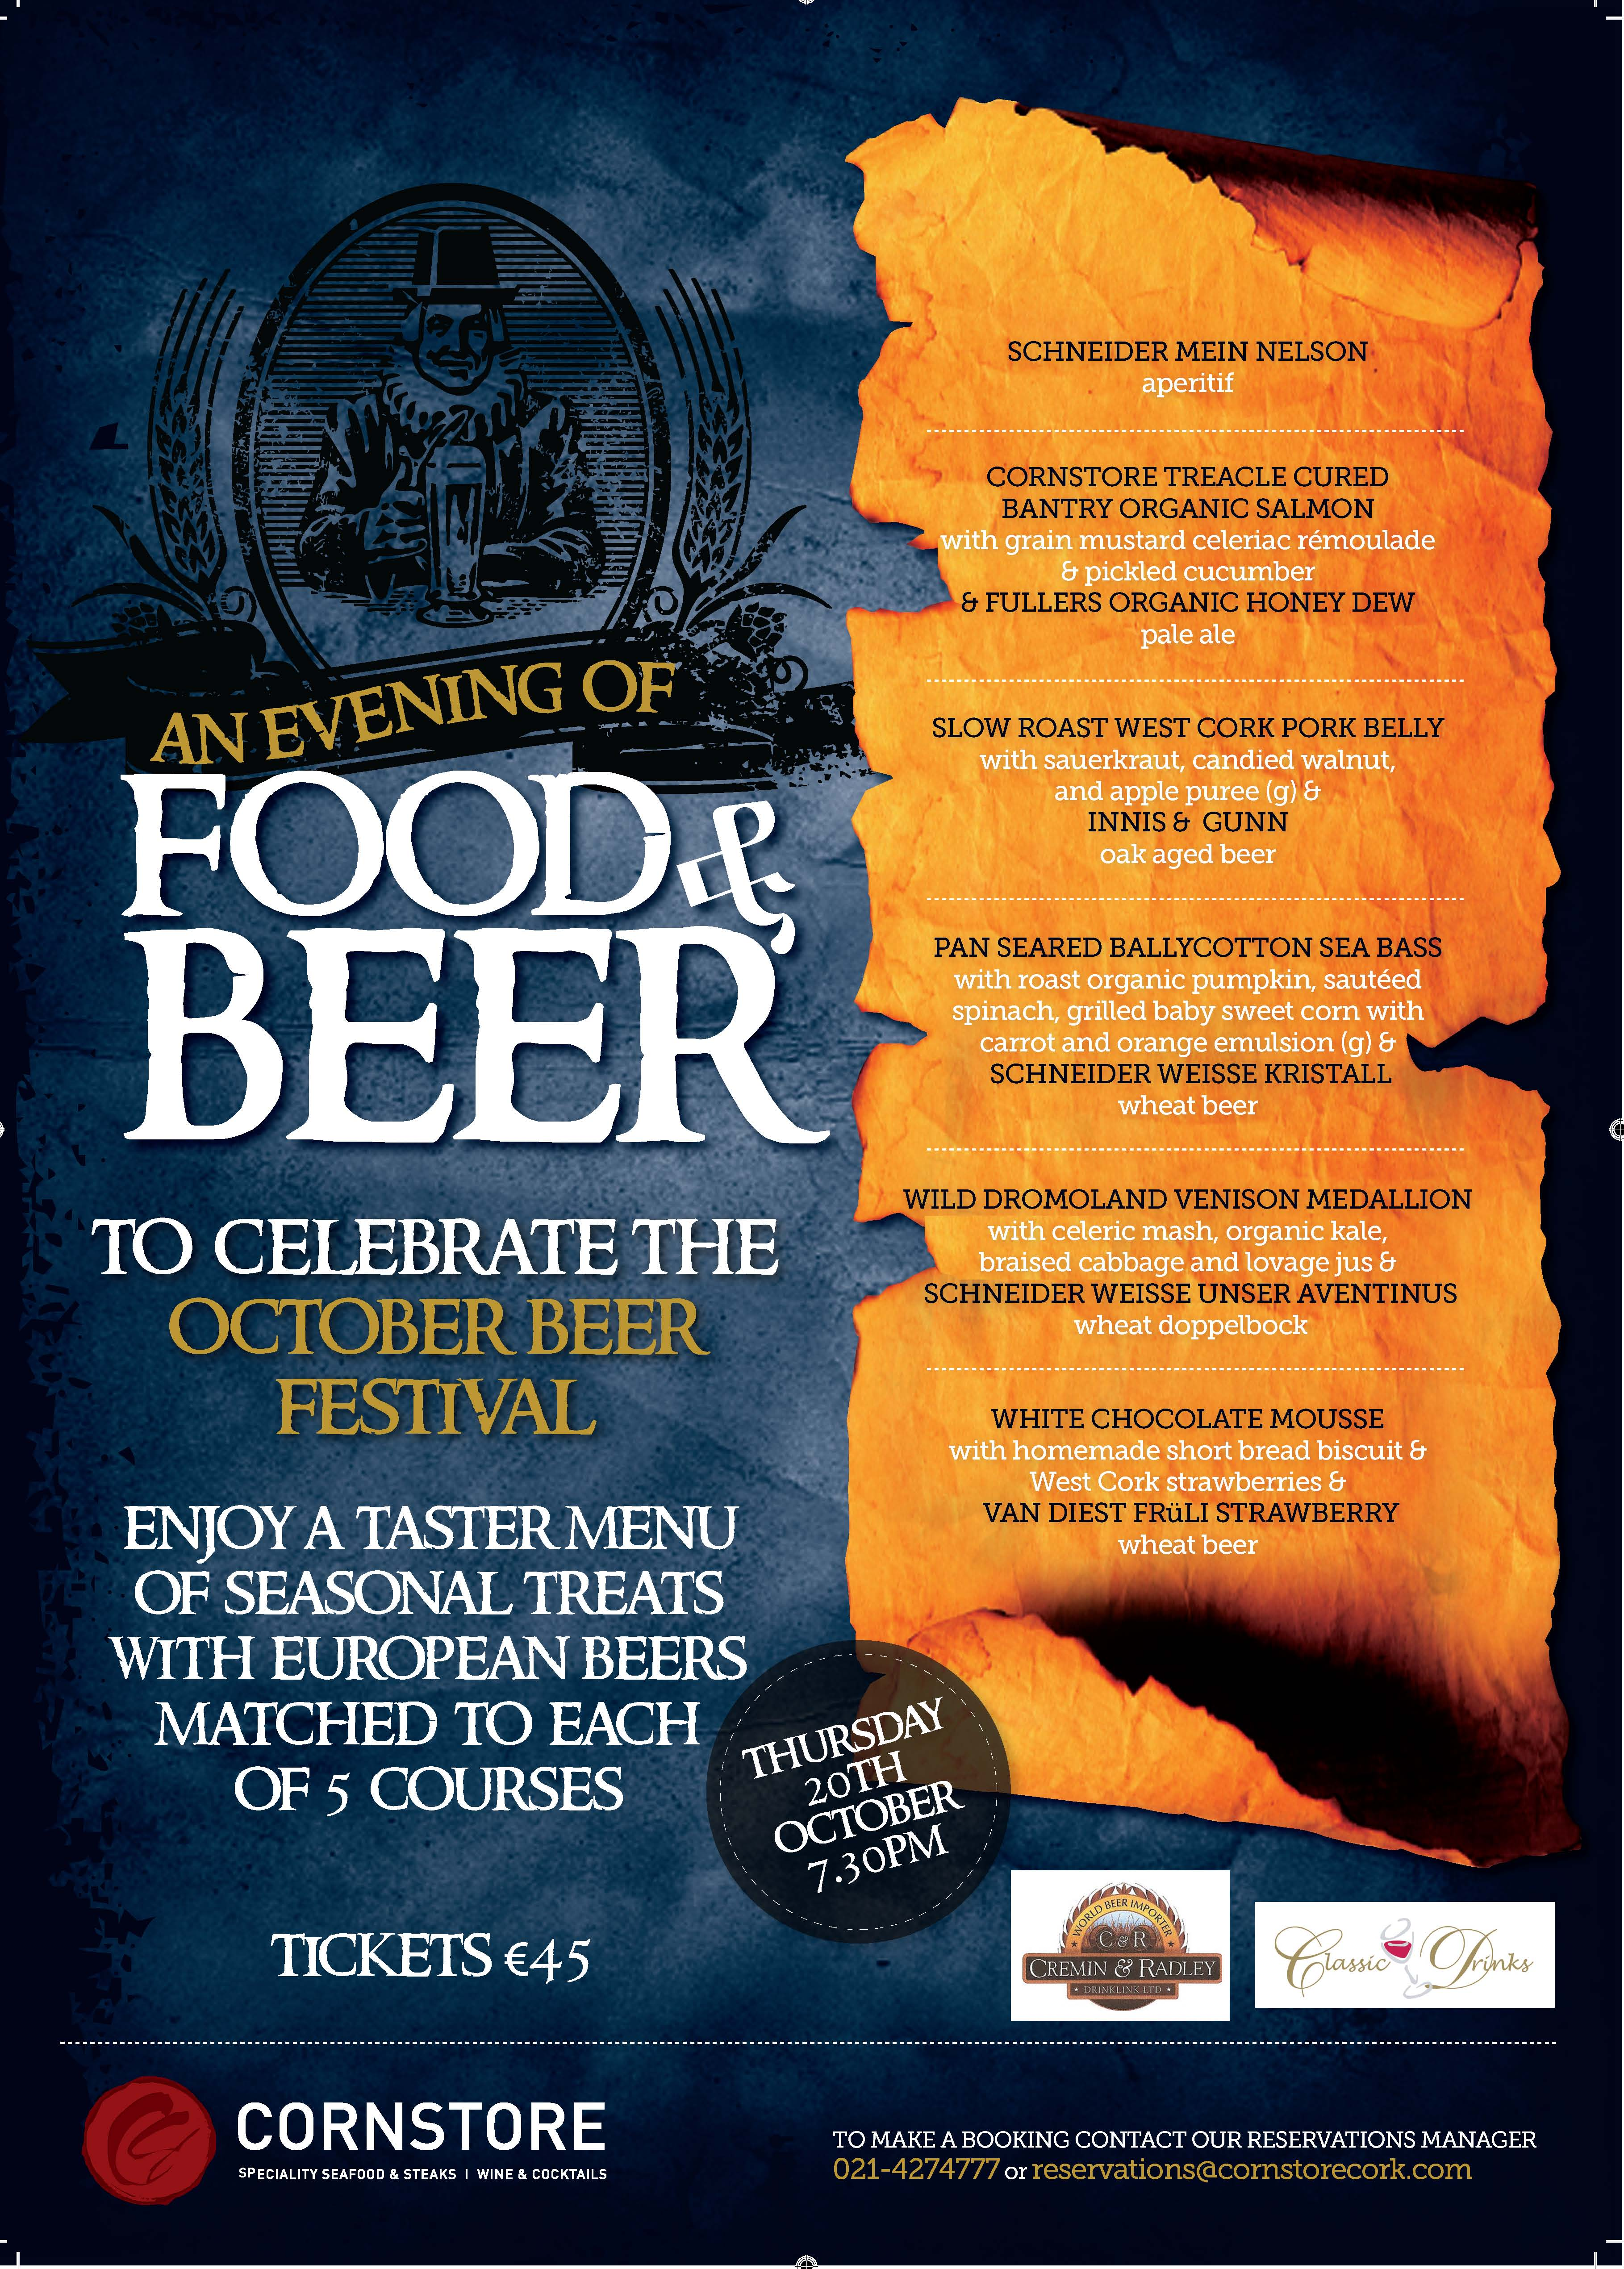 Cornstore Evening of Beer and Food